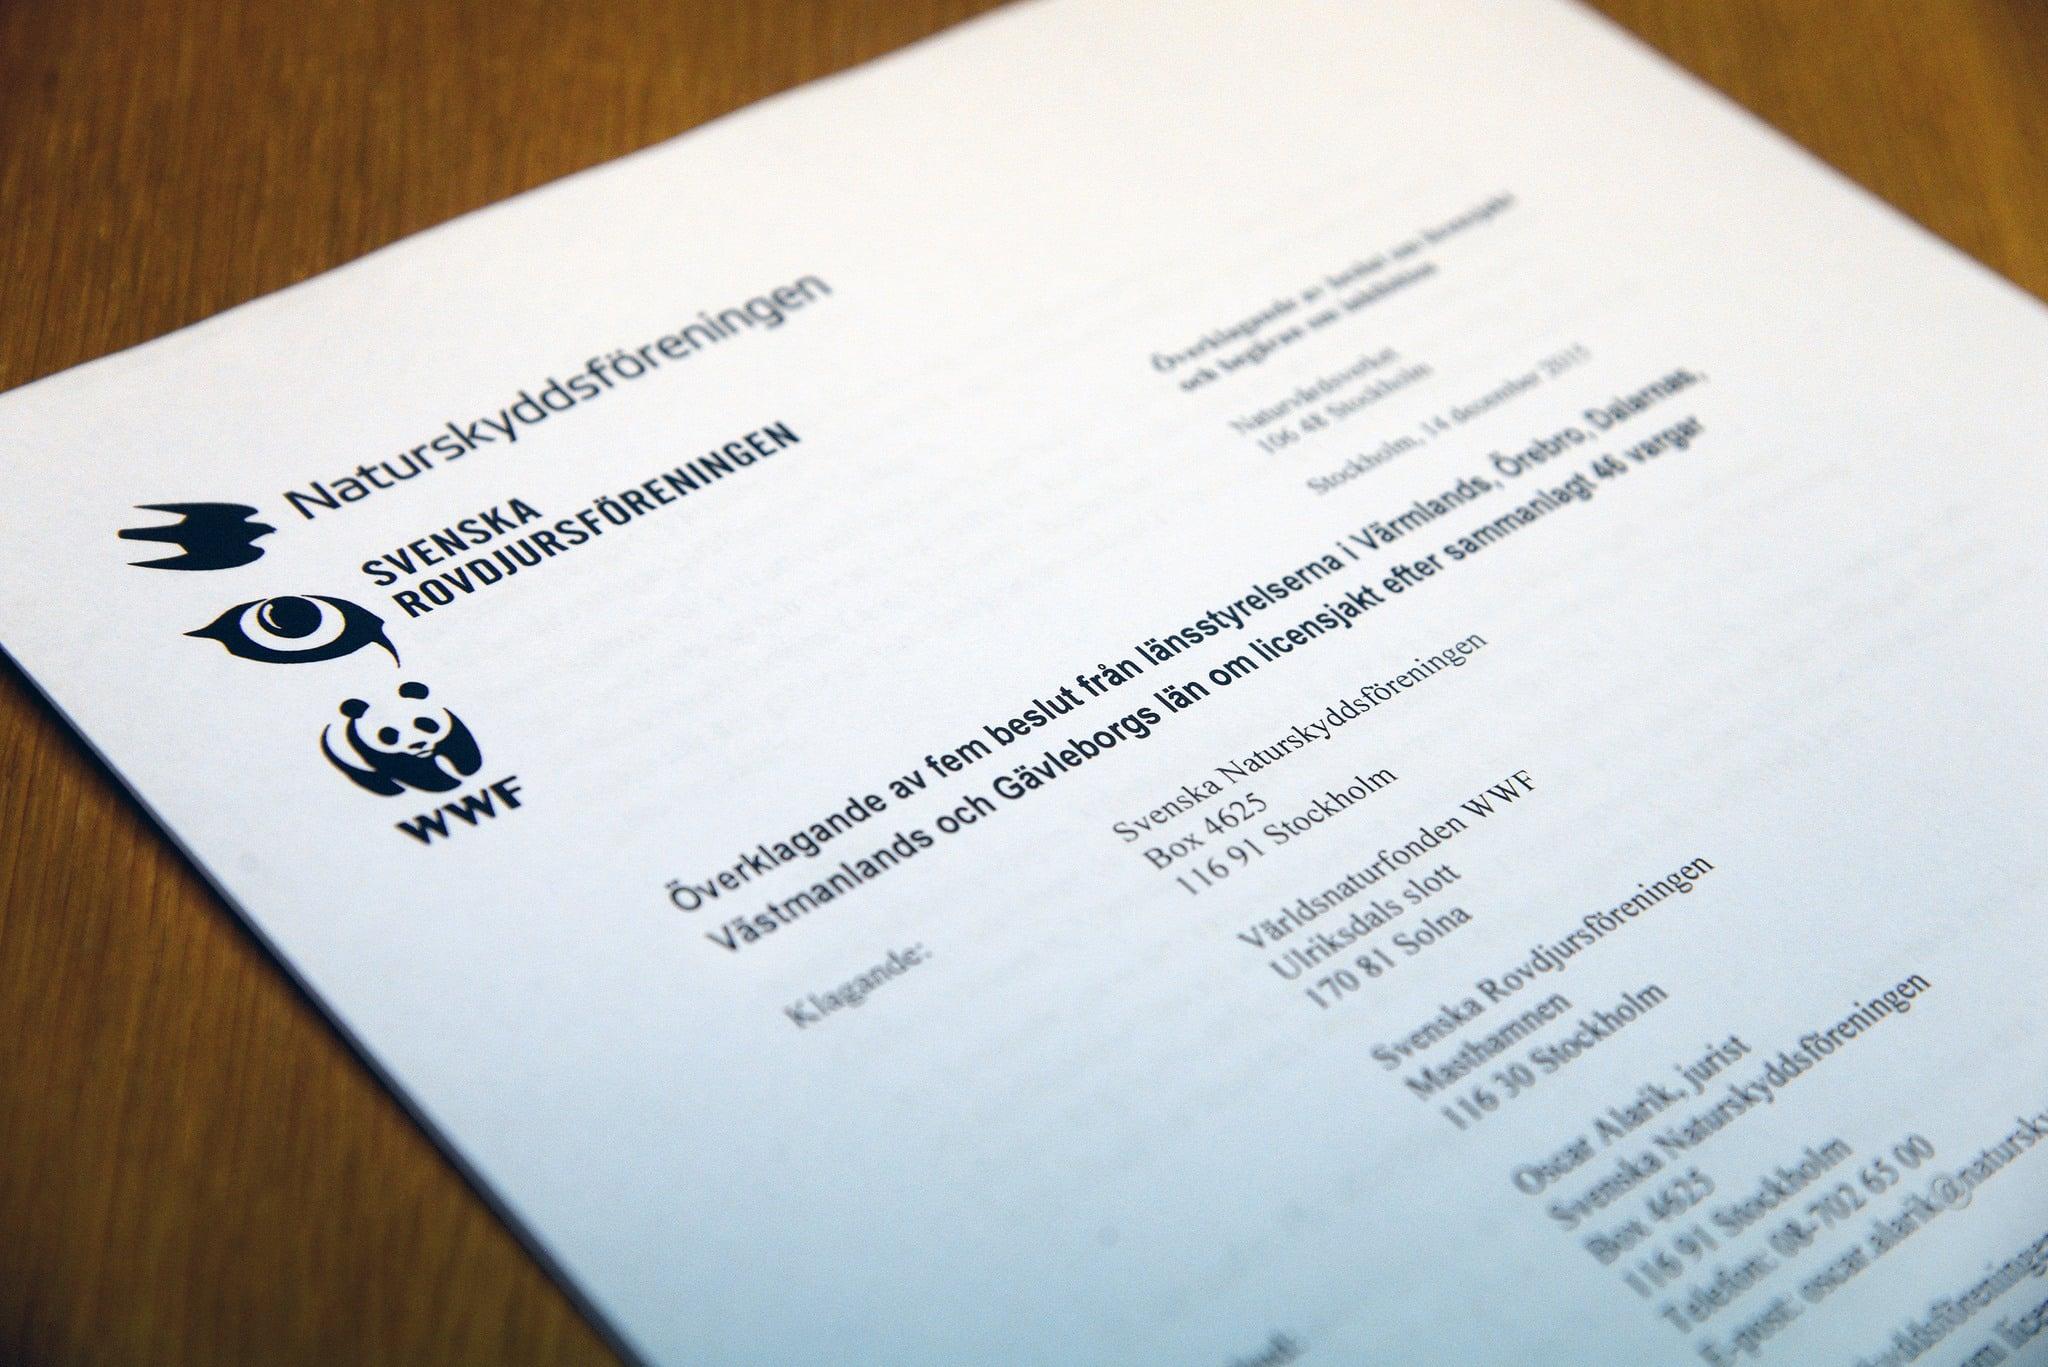 Miljöorganisationerna kommer återfå makten över vargförvaltningen och kommer fortsätta med sina överklagningar, menar debattören i det här inlägget. Foto: Lars-Henrik Andersson